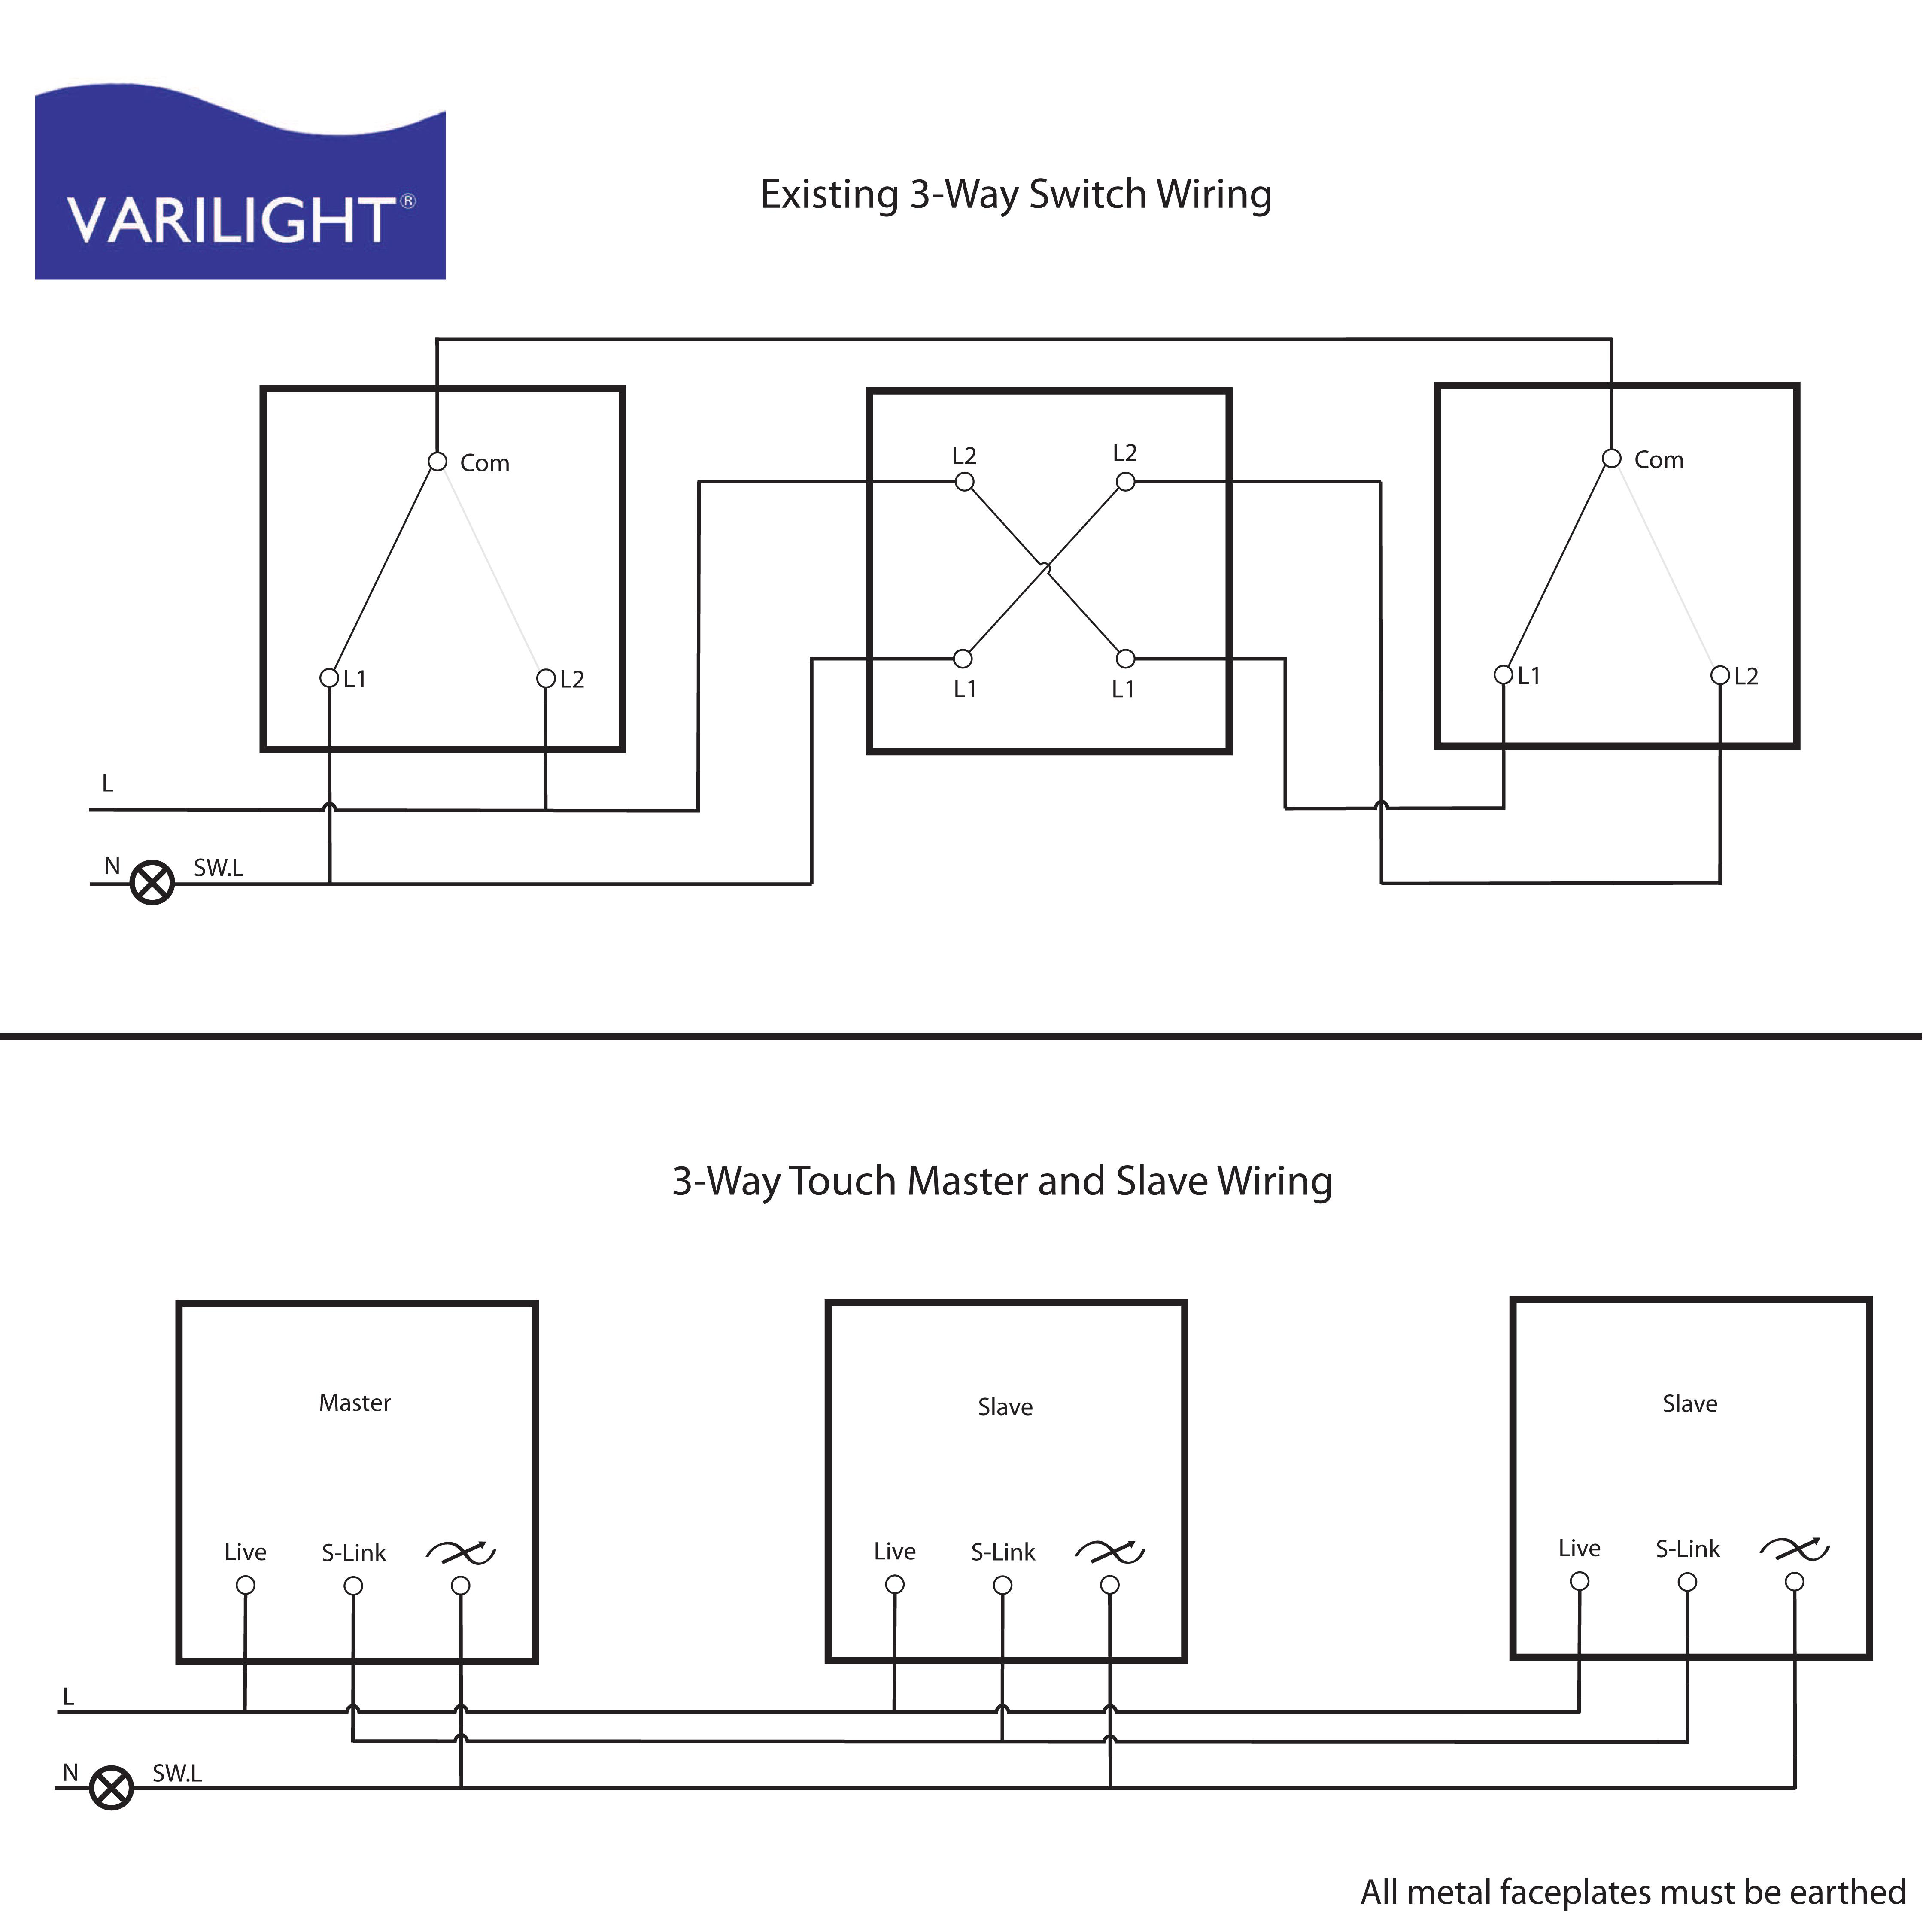 Varilight Wiring Diagrams - 3 Way Switching Wiring Diagram